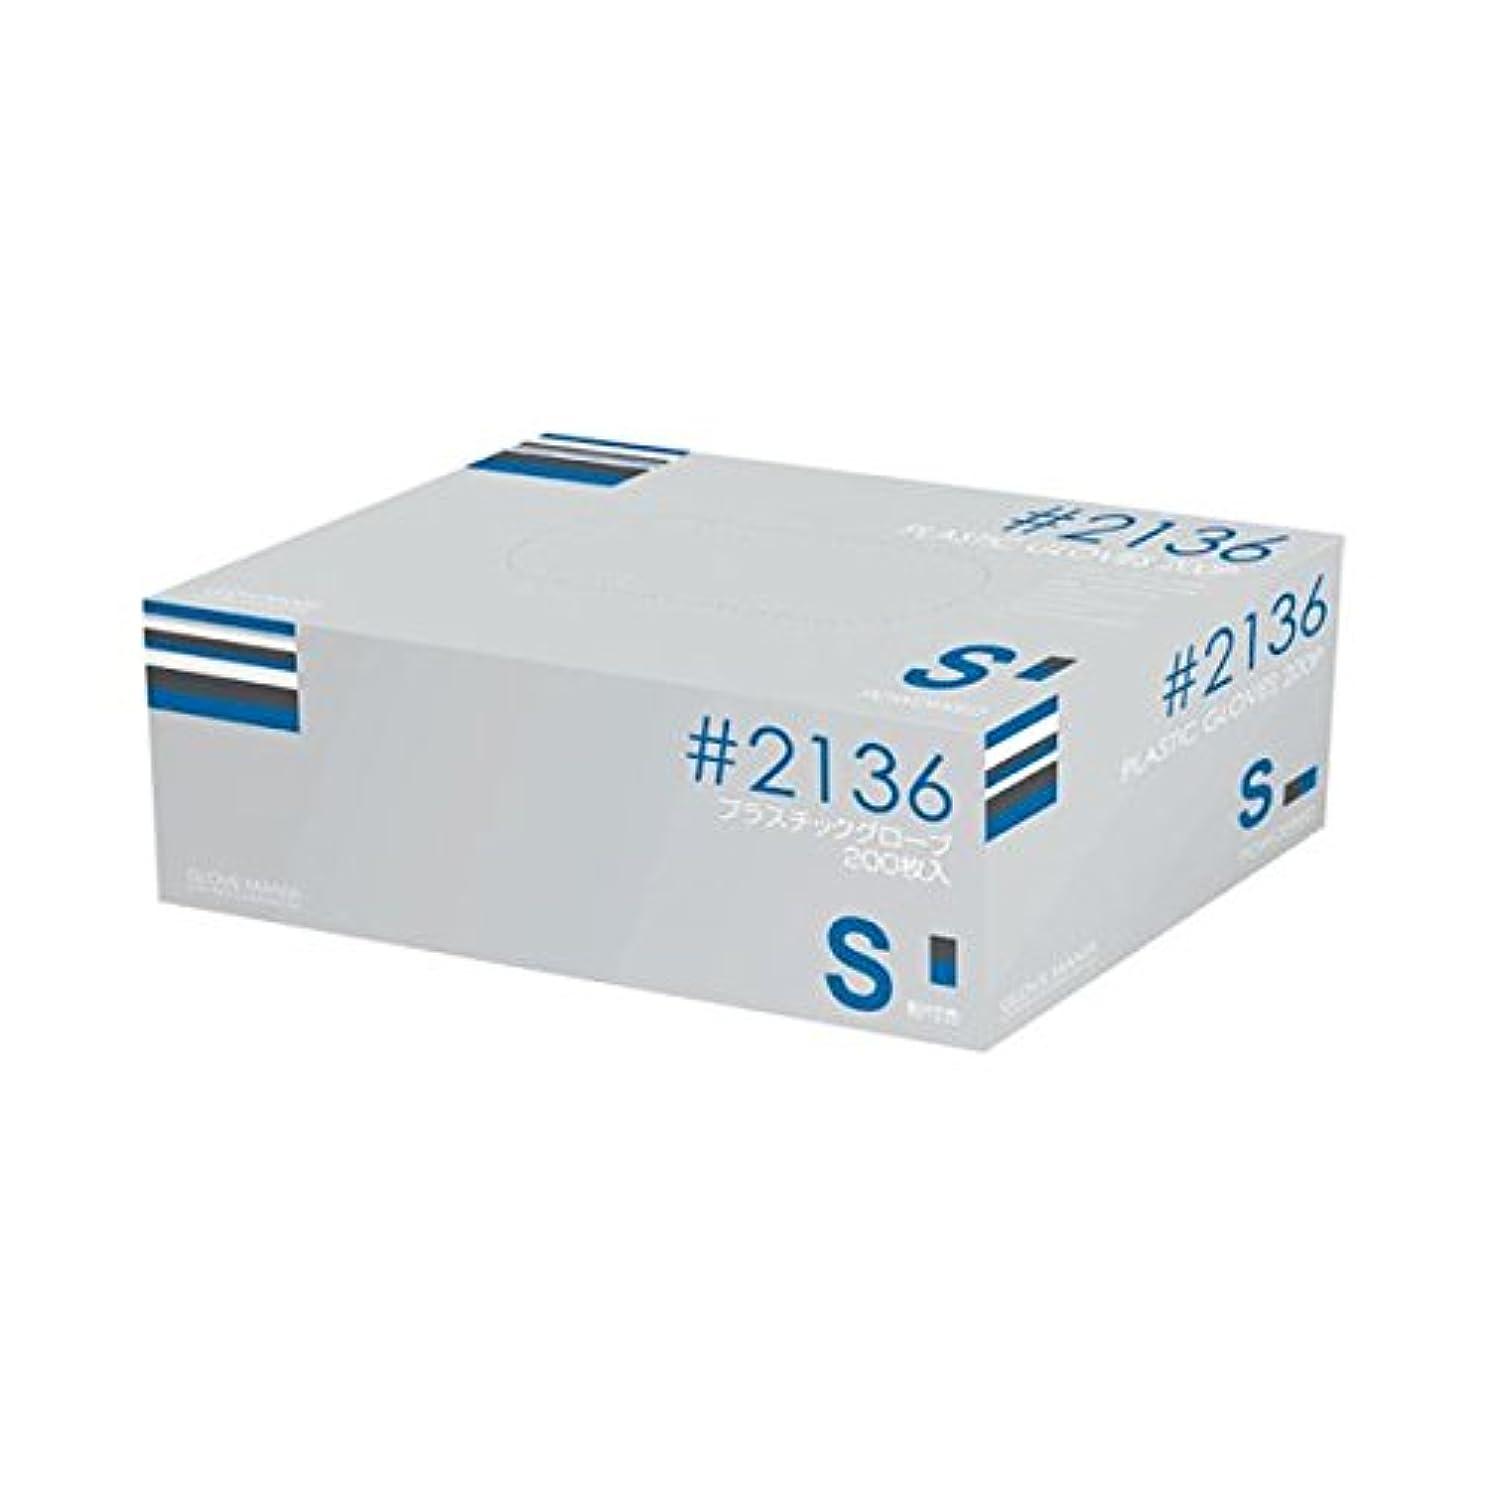 背景ちょっと待ってに変わる(業務用10セット) 川西工業 プラスティックグローブ #2136 S 粉付 ds-1913513